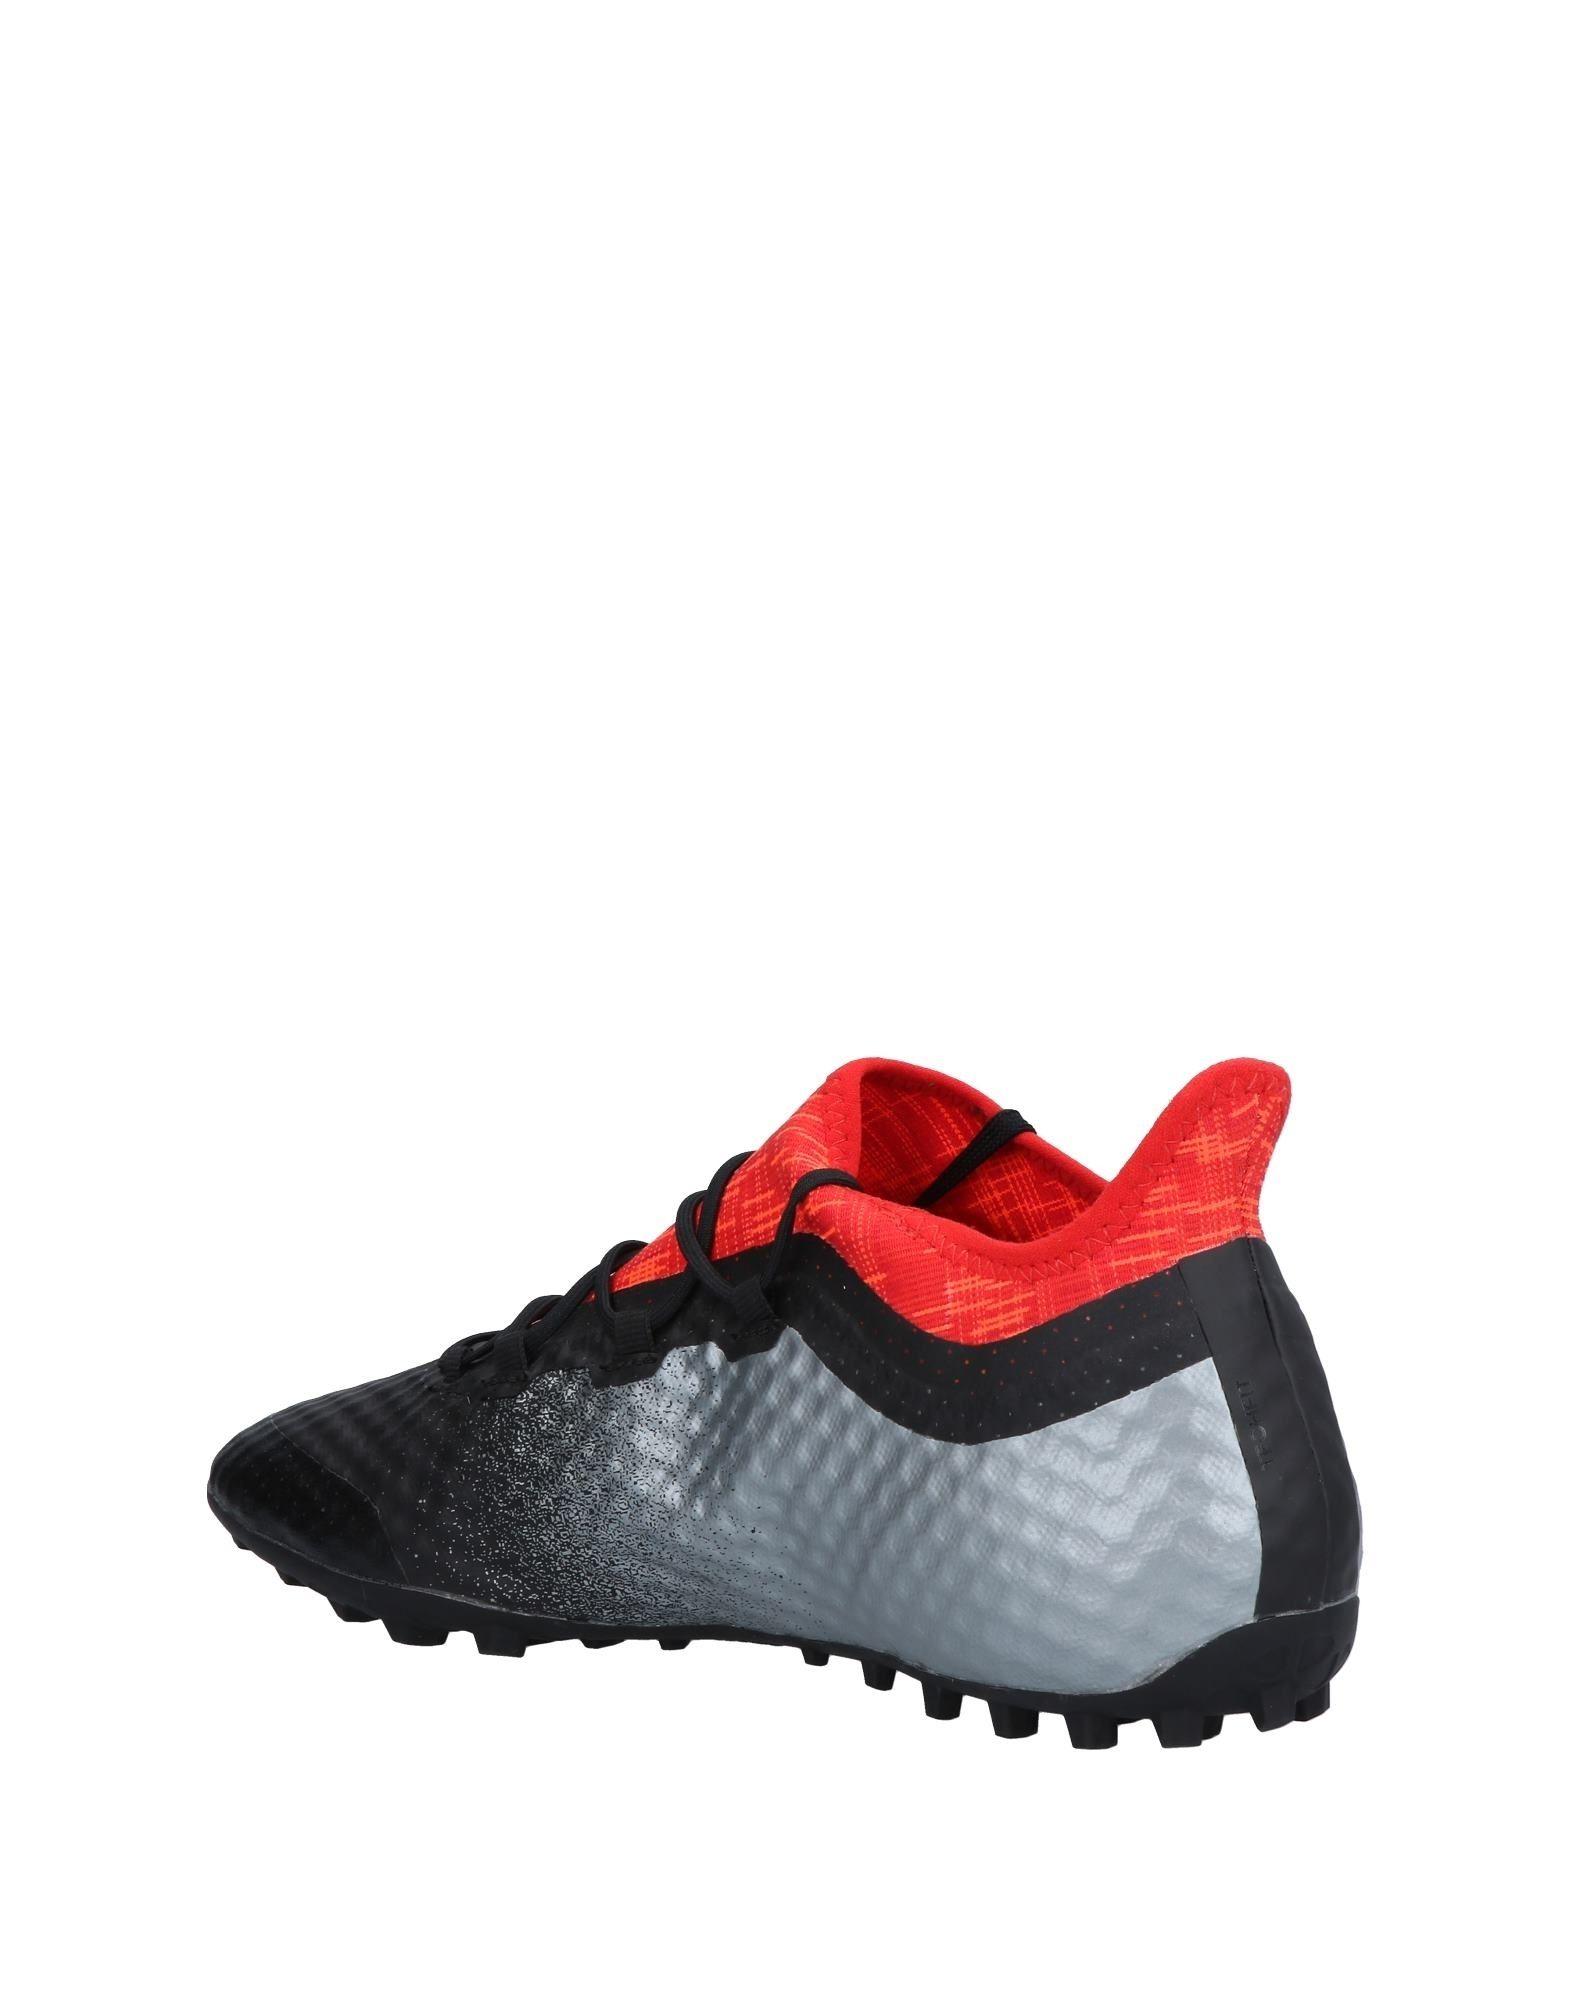 Herren Adidas Sneakers Herren   11482975VF Heiße Schuhe 6f9b49